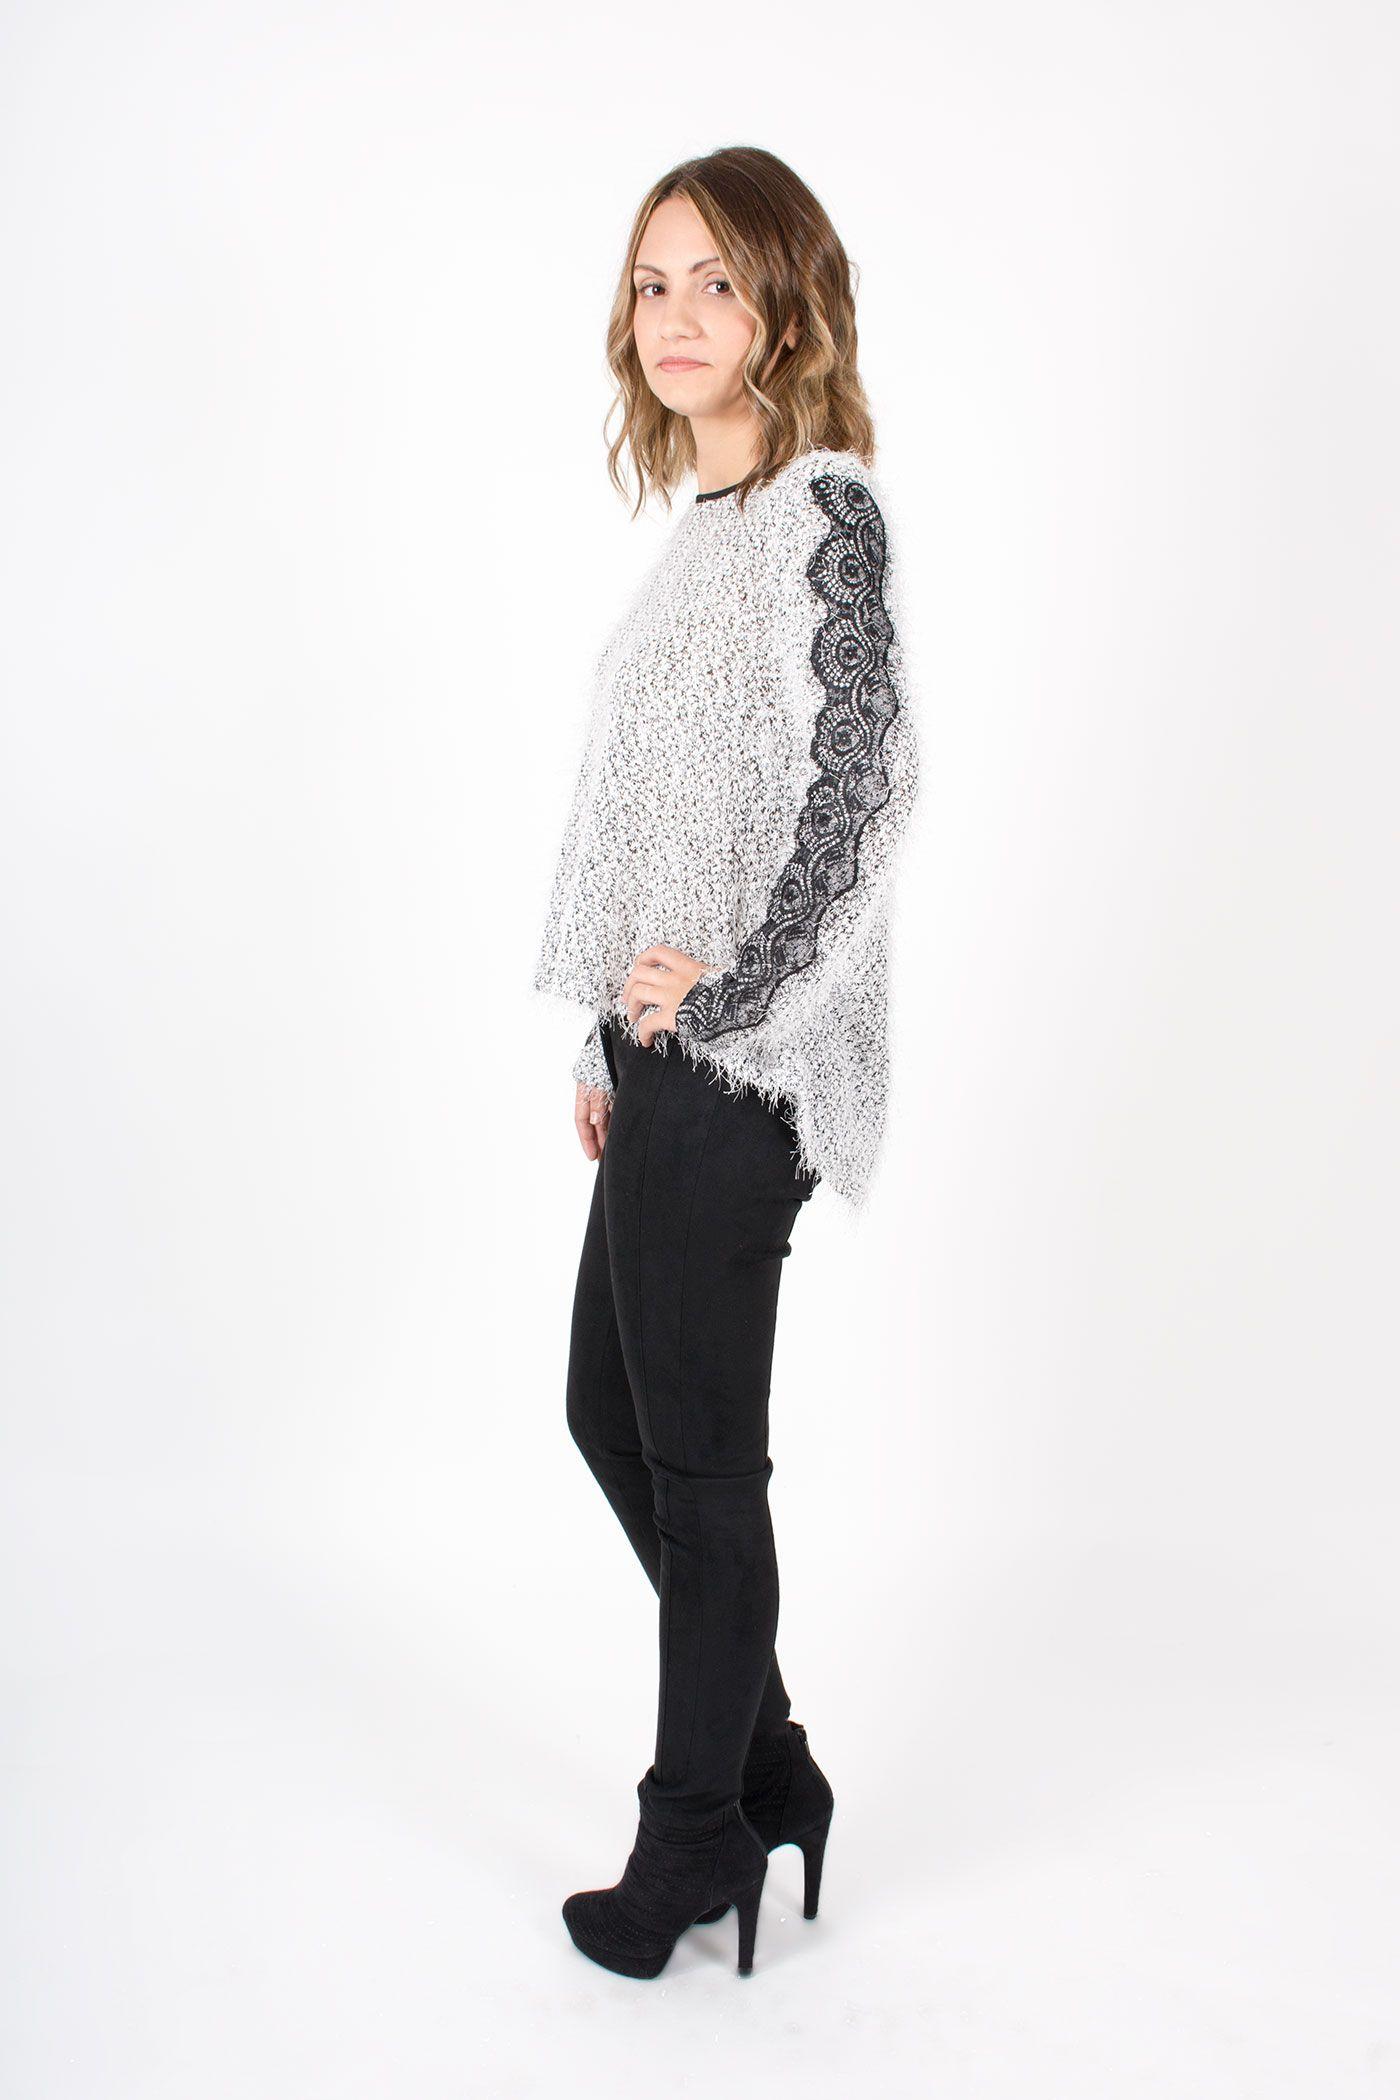 Blusa ancha con encajes en las mangas, realizada en un tejido de punto de pelo.